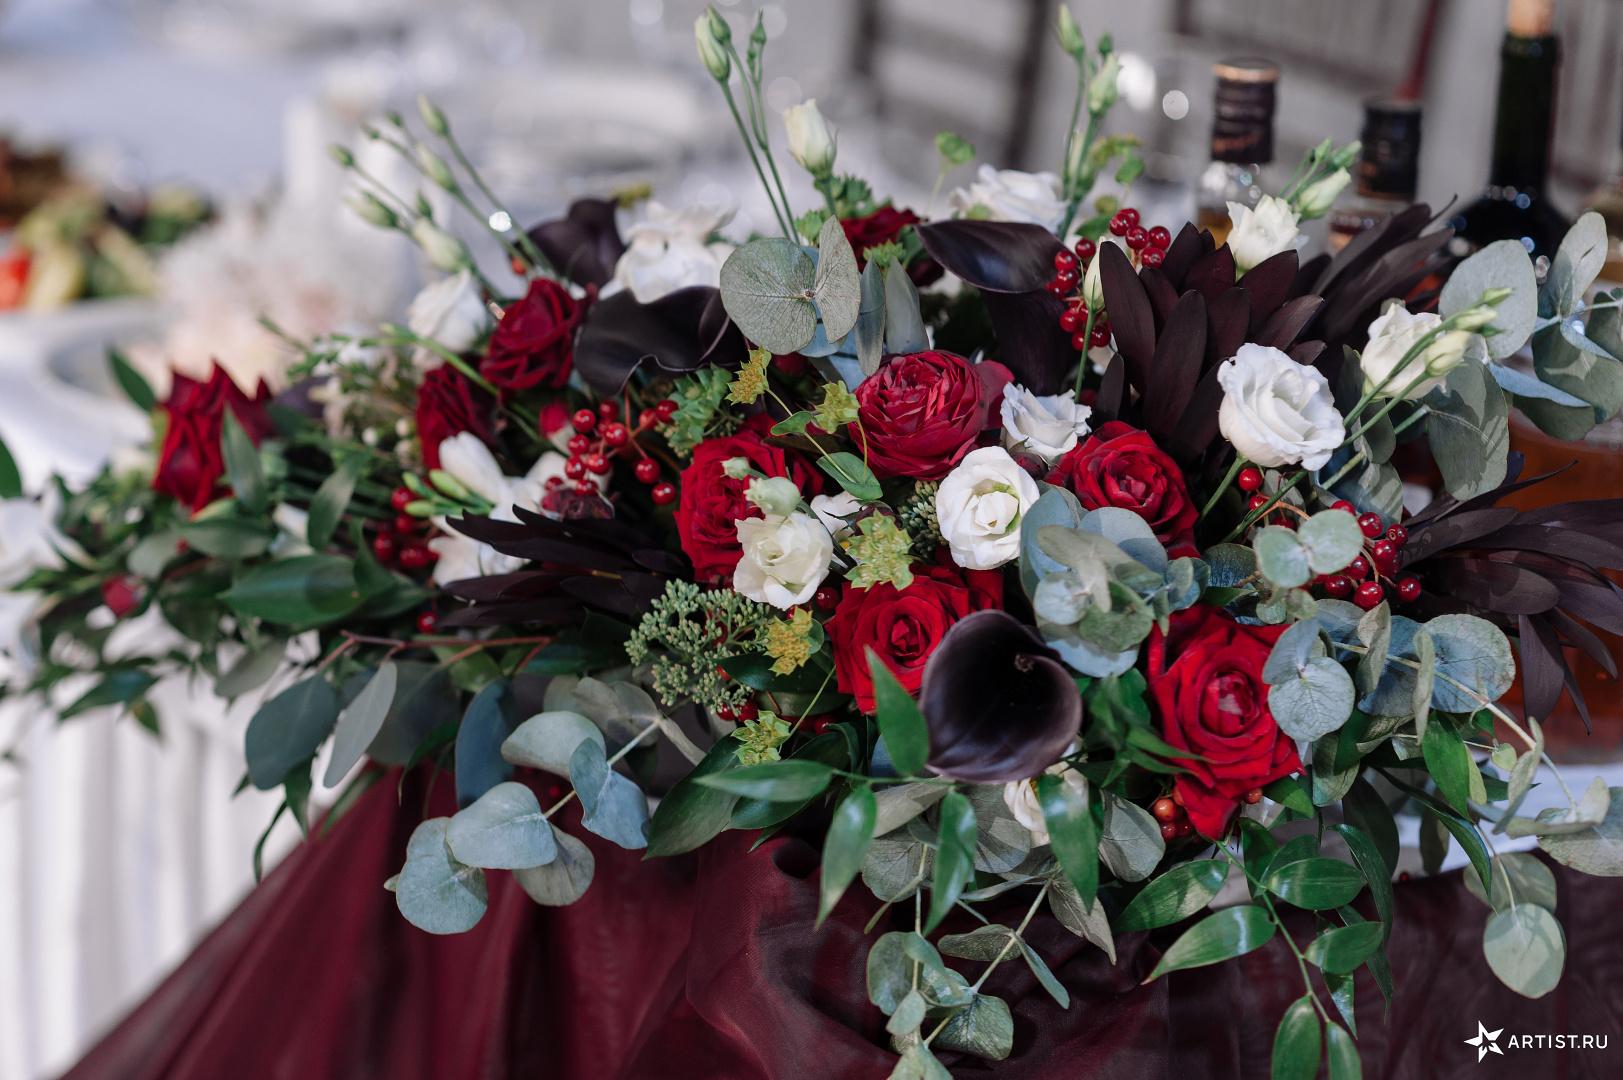 Фото 5 из 16 из альбома Свадьба Полины и Андрея 11 08 18 Андрея Кислого